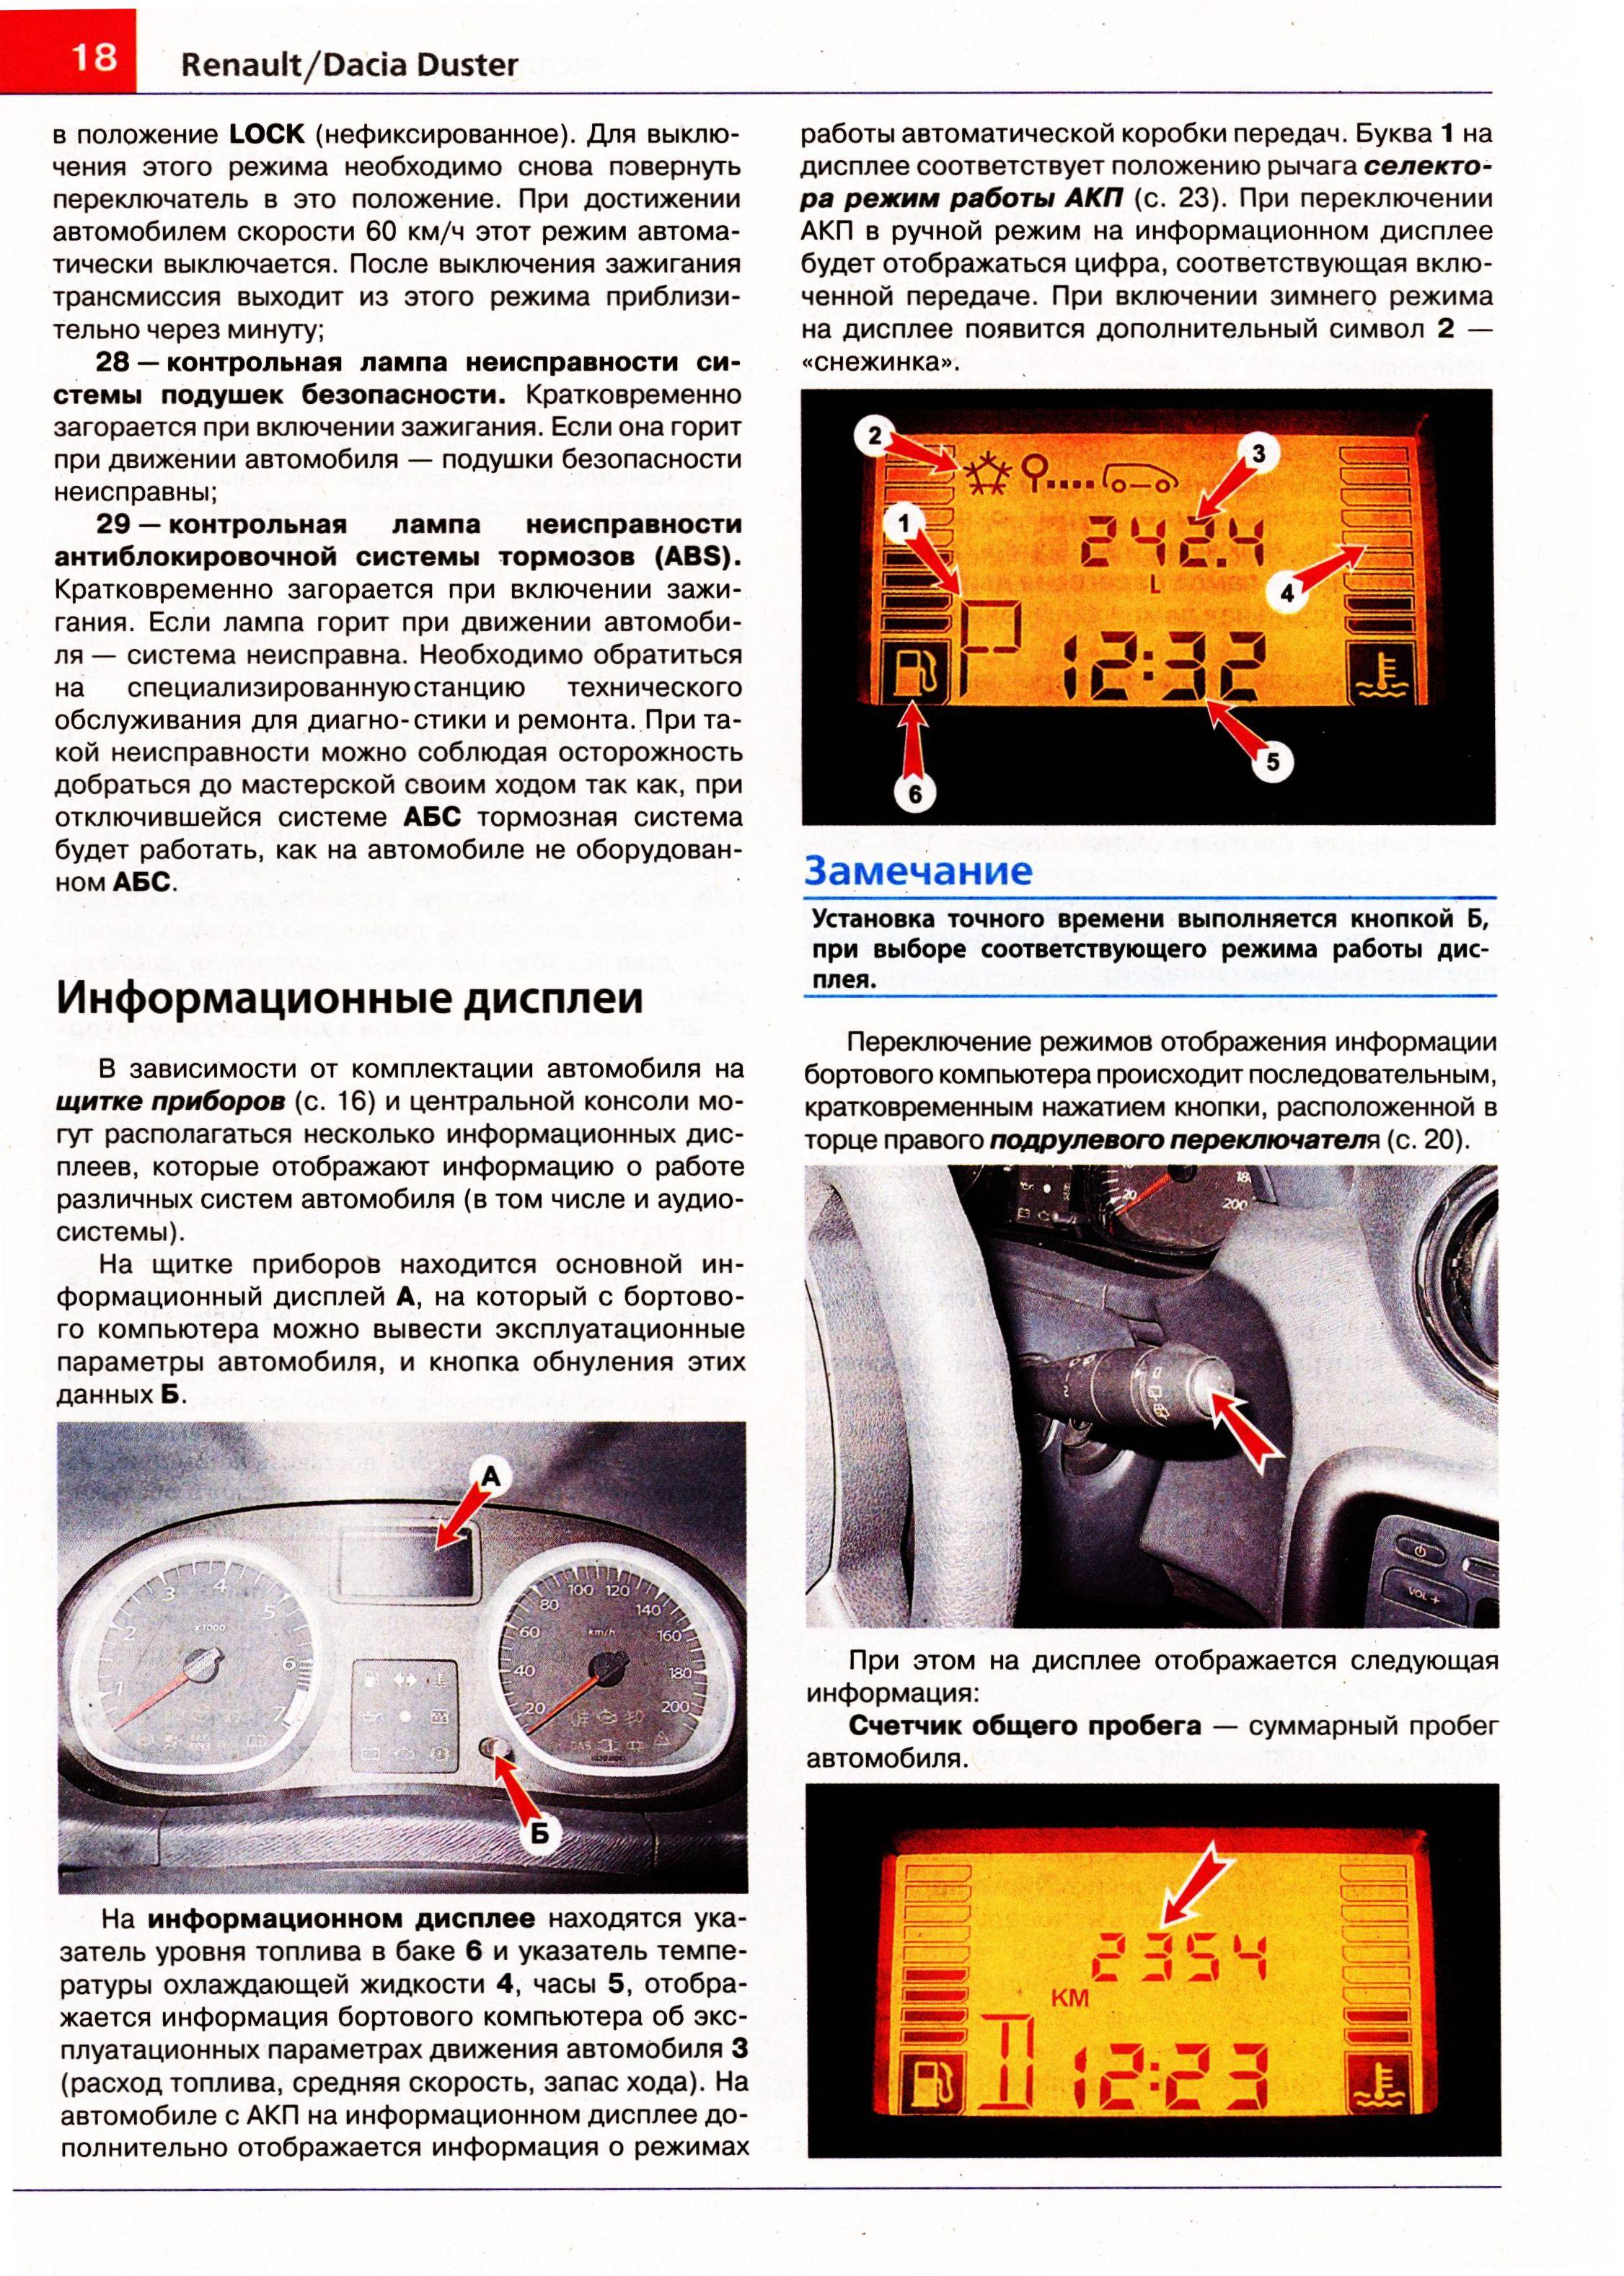 инструкция по ремонту и эксплуатации рено дастер 2015